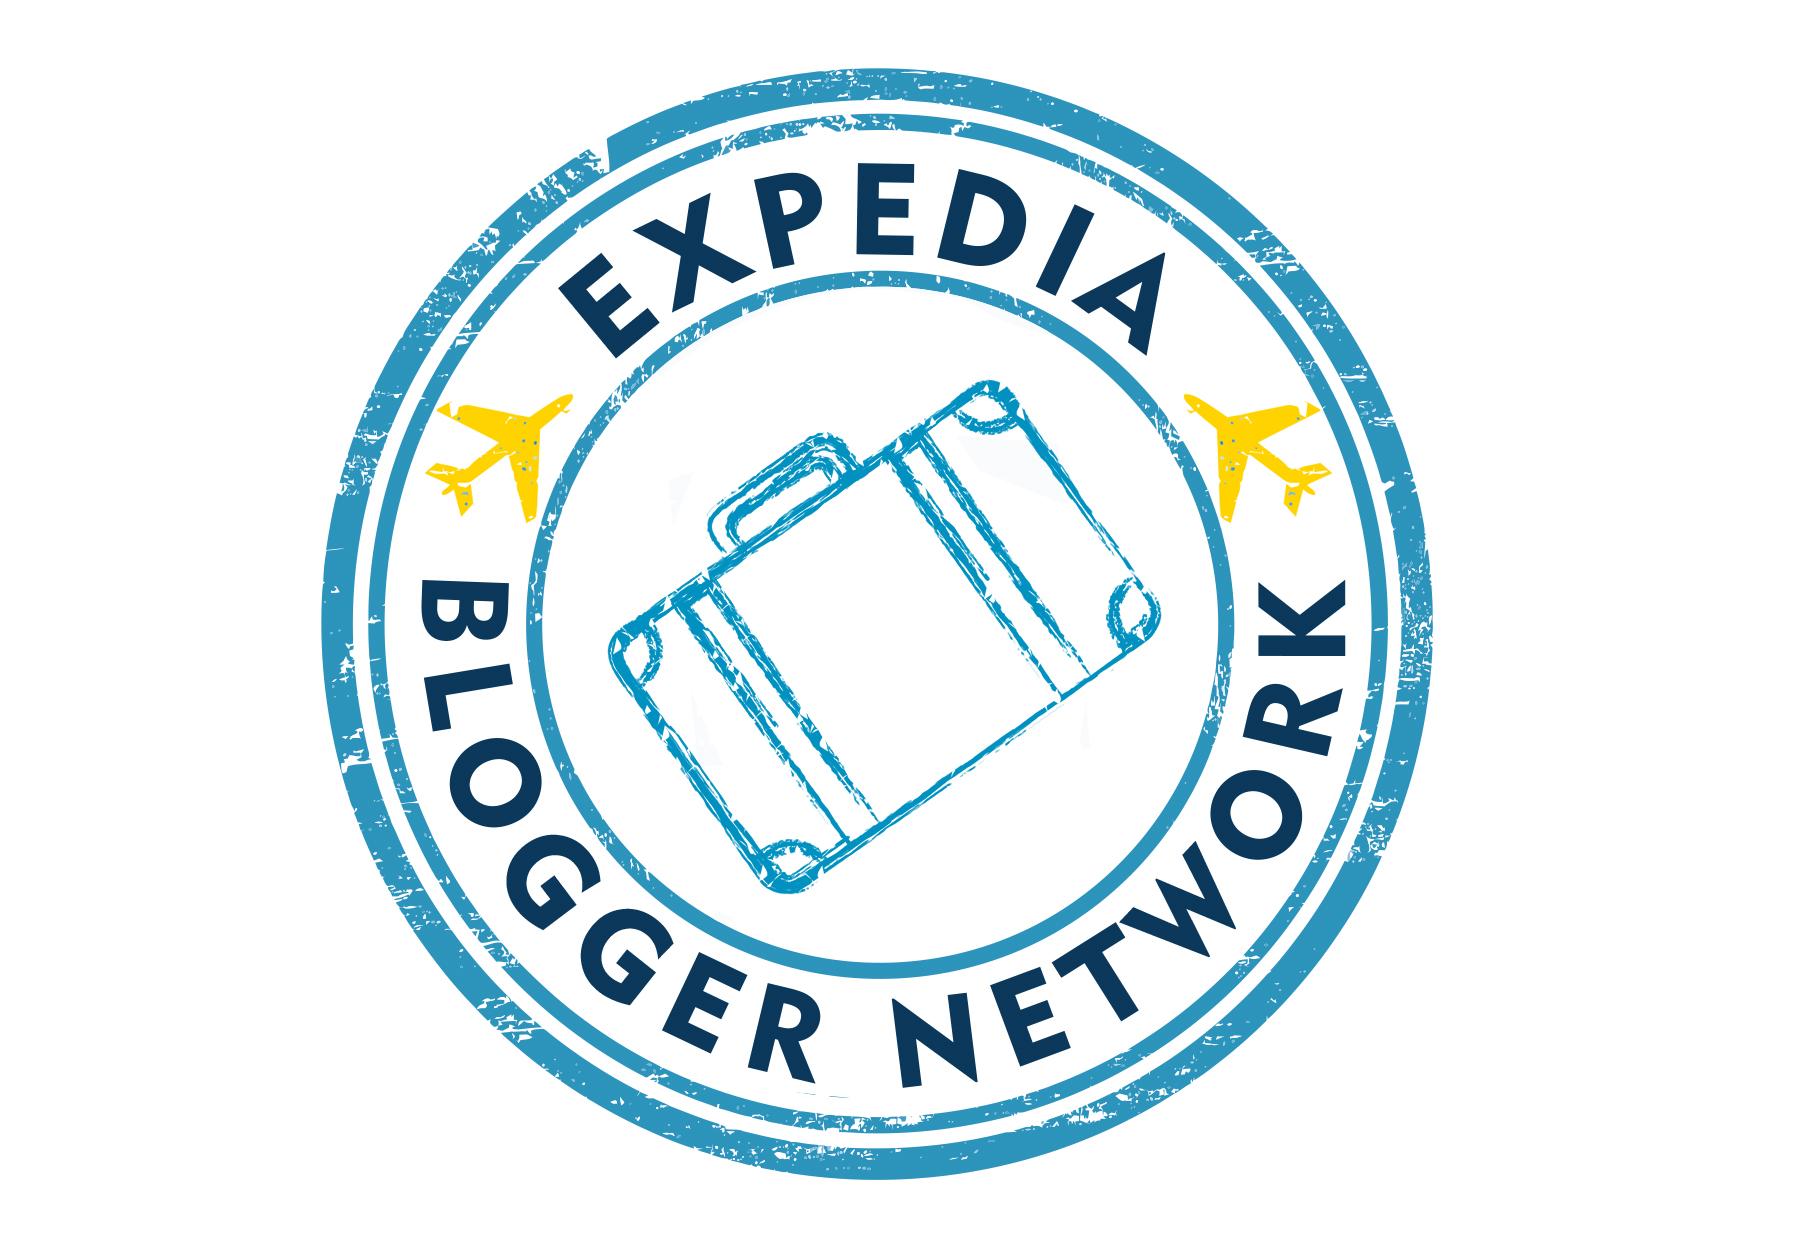 expedia uk travel blogger network. Black Bedroom Furniture Sets. Home Design Ideas